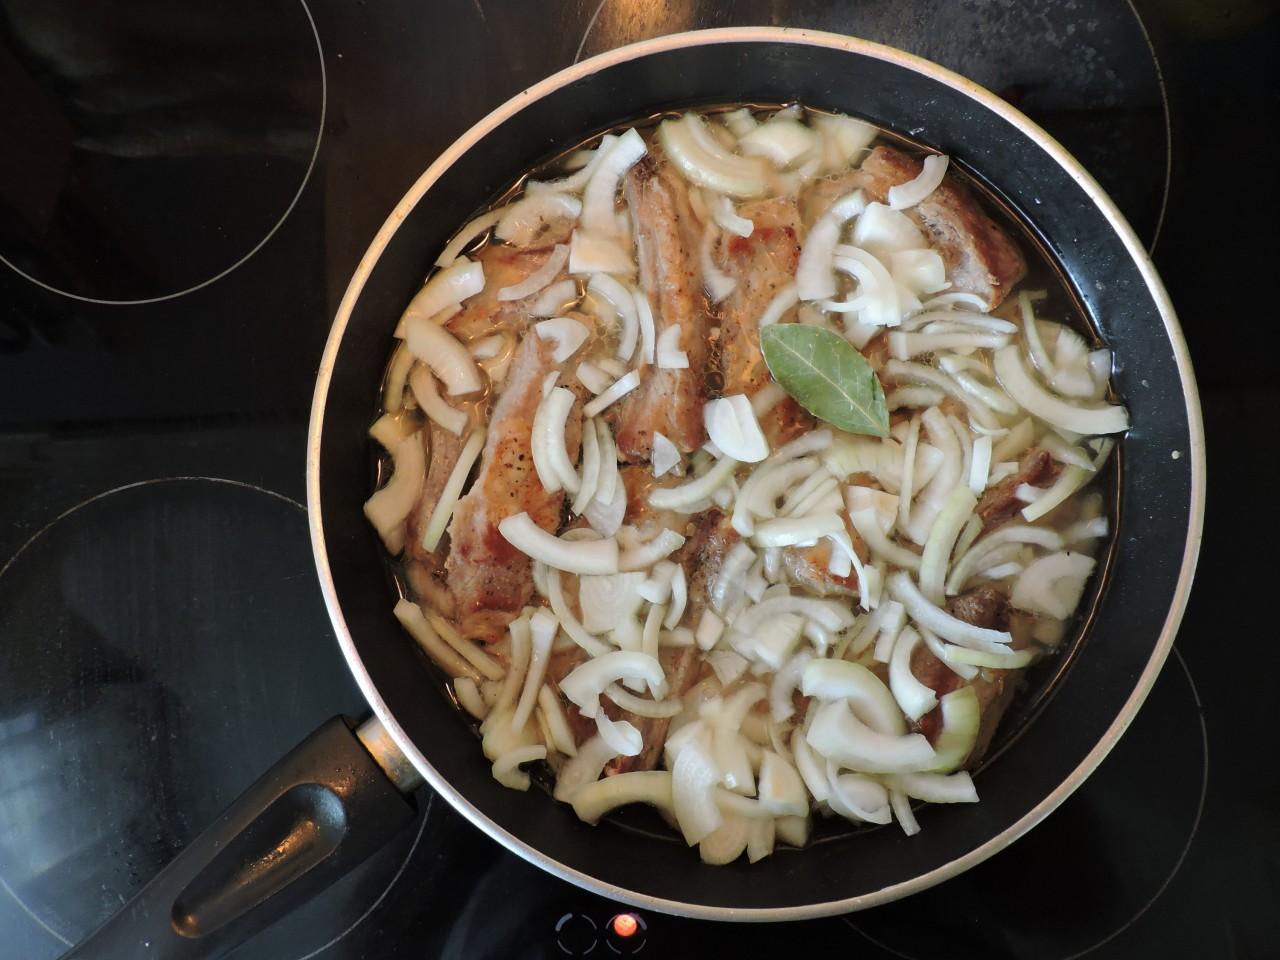 Затем к рёбрышкам добавить воду( куриный бульон) и лук. еда, рёбрышки. вкусно. мясо. к пиву, своими руками, сделай сам